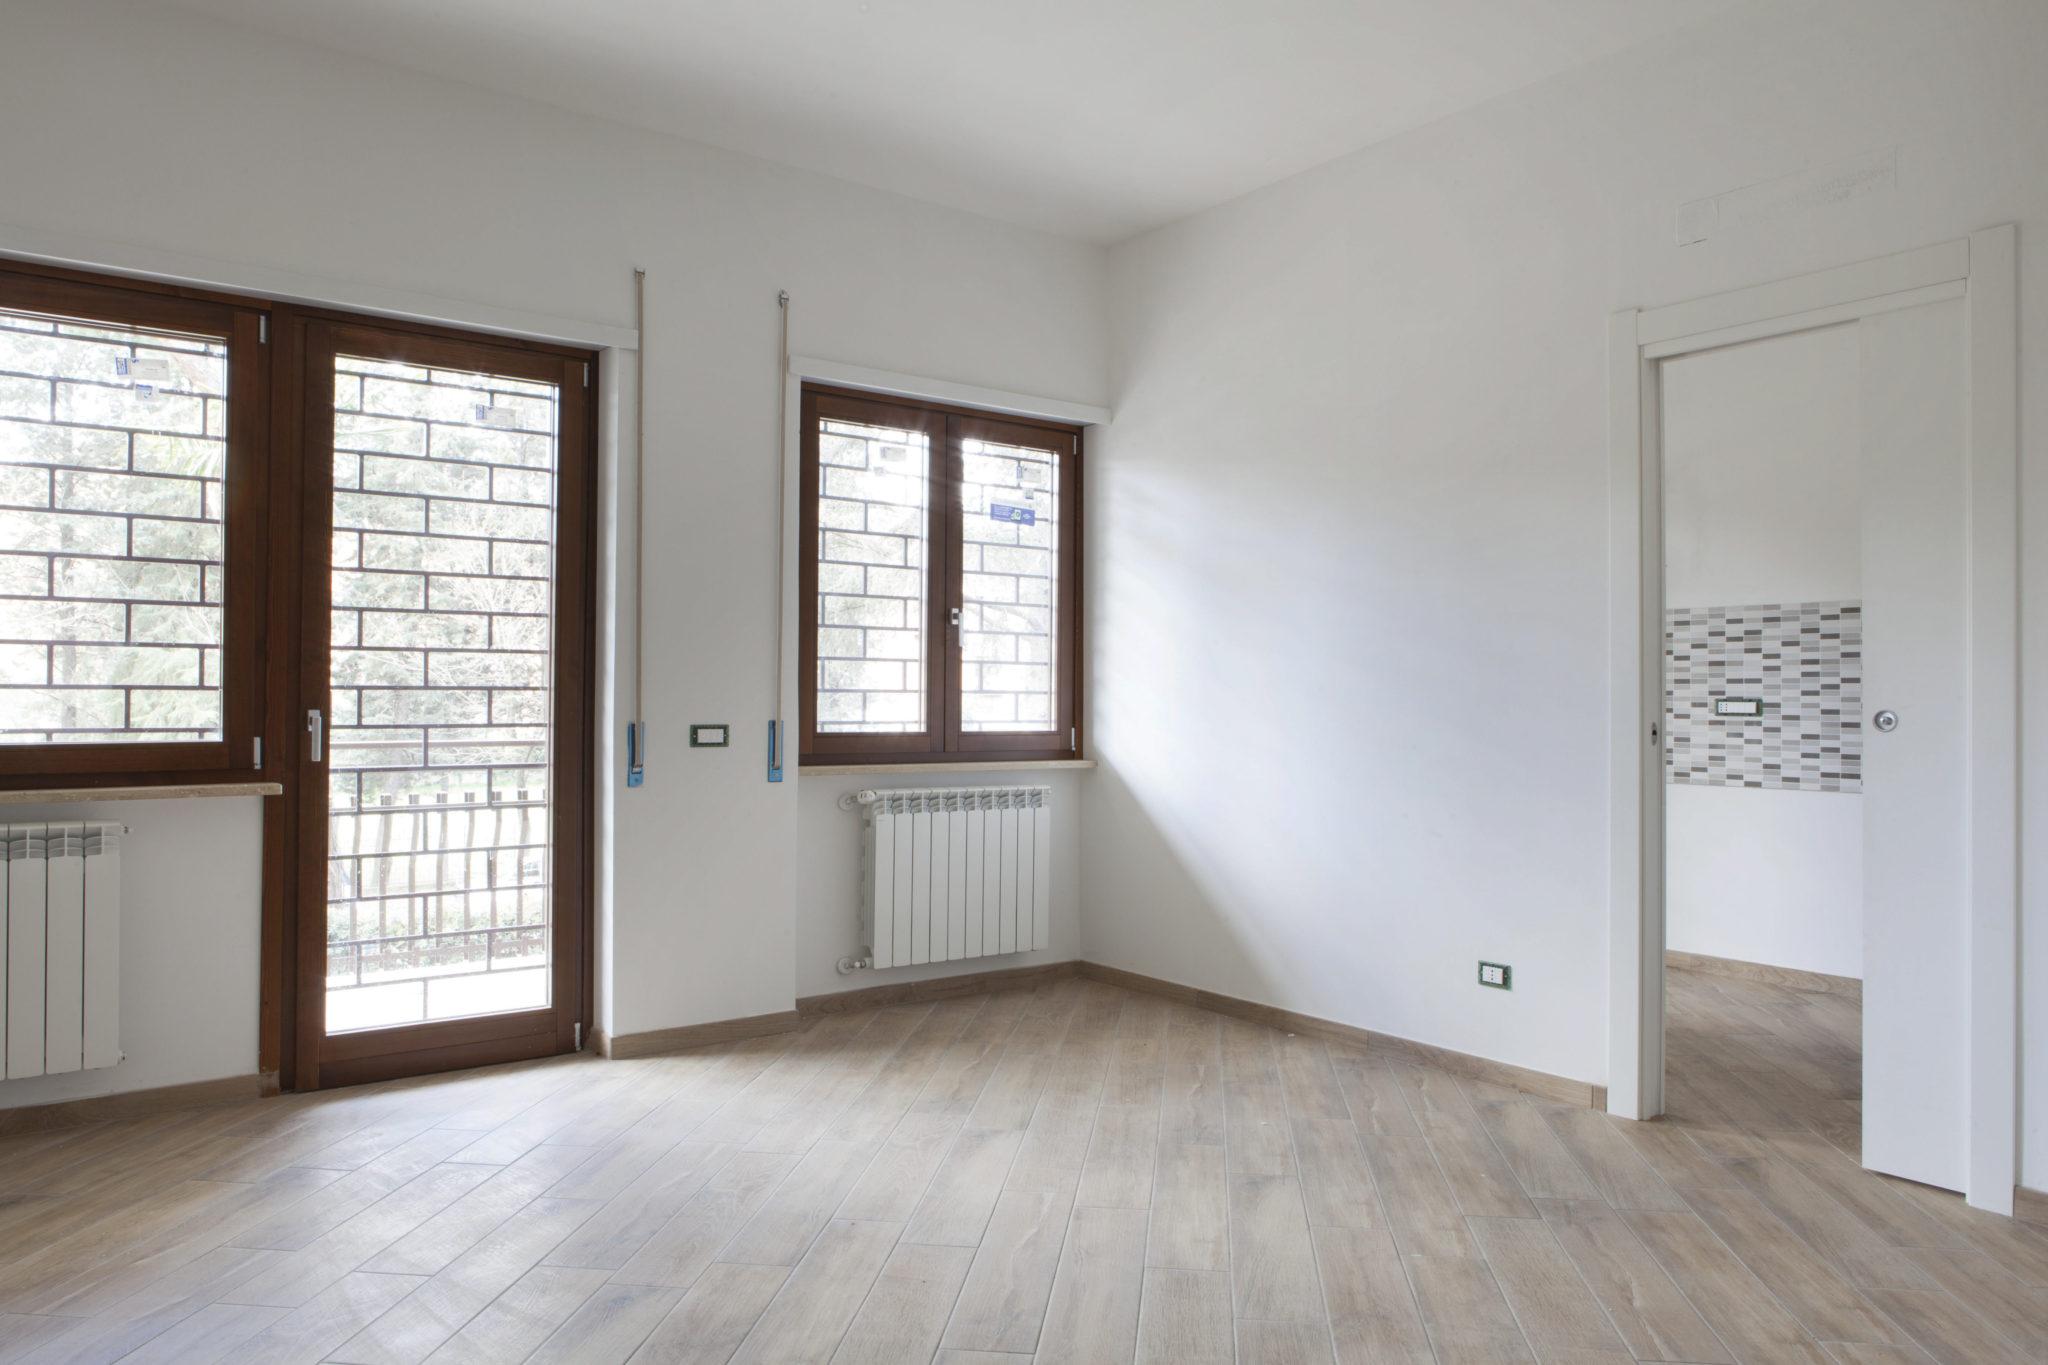 Ristrutturazione di una palazzina residenziale a Roma nel quartiere dell'Eur.